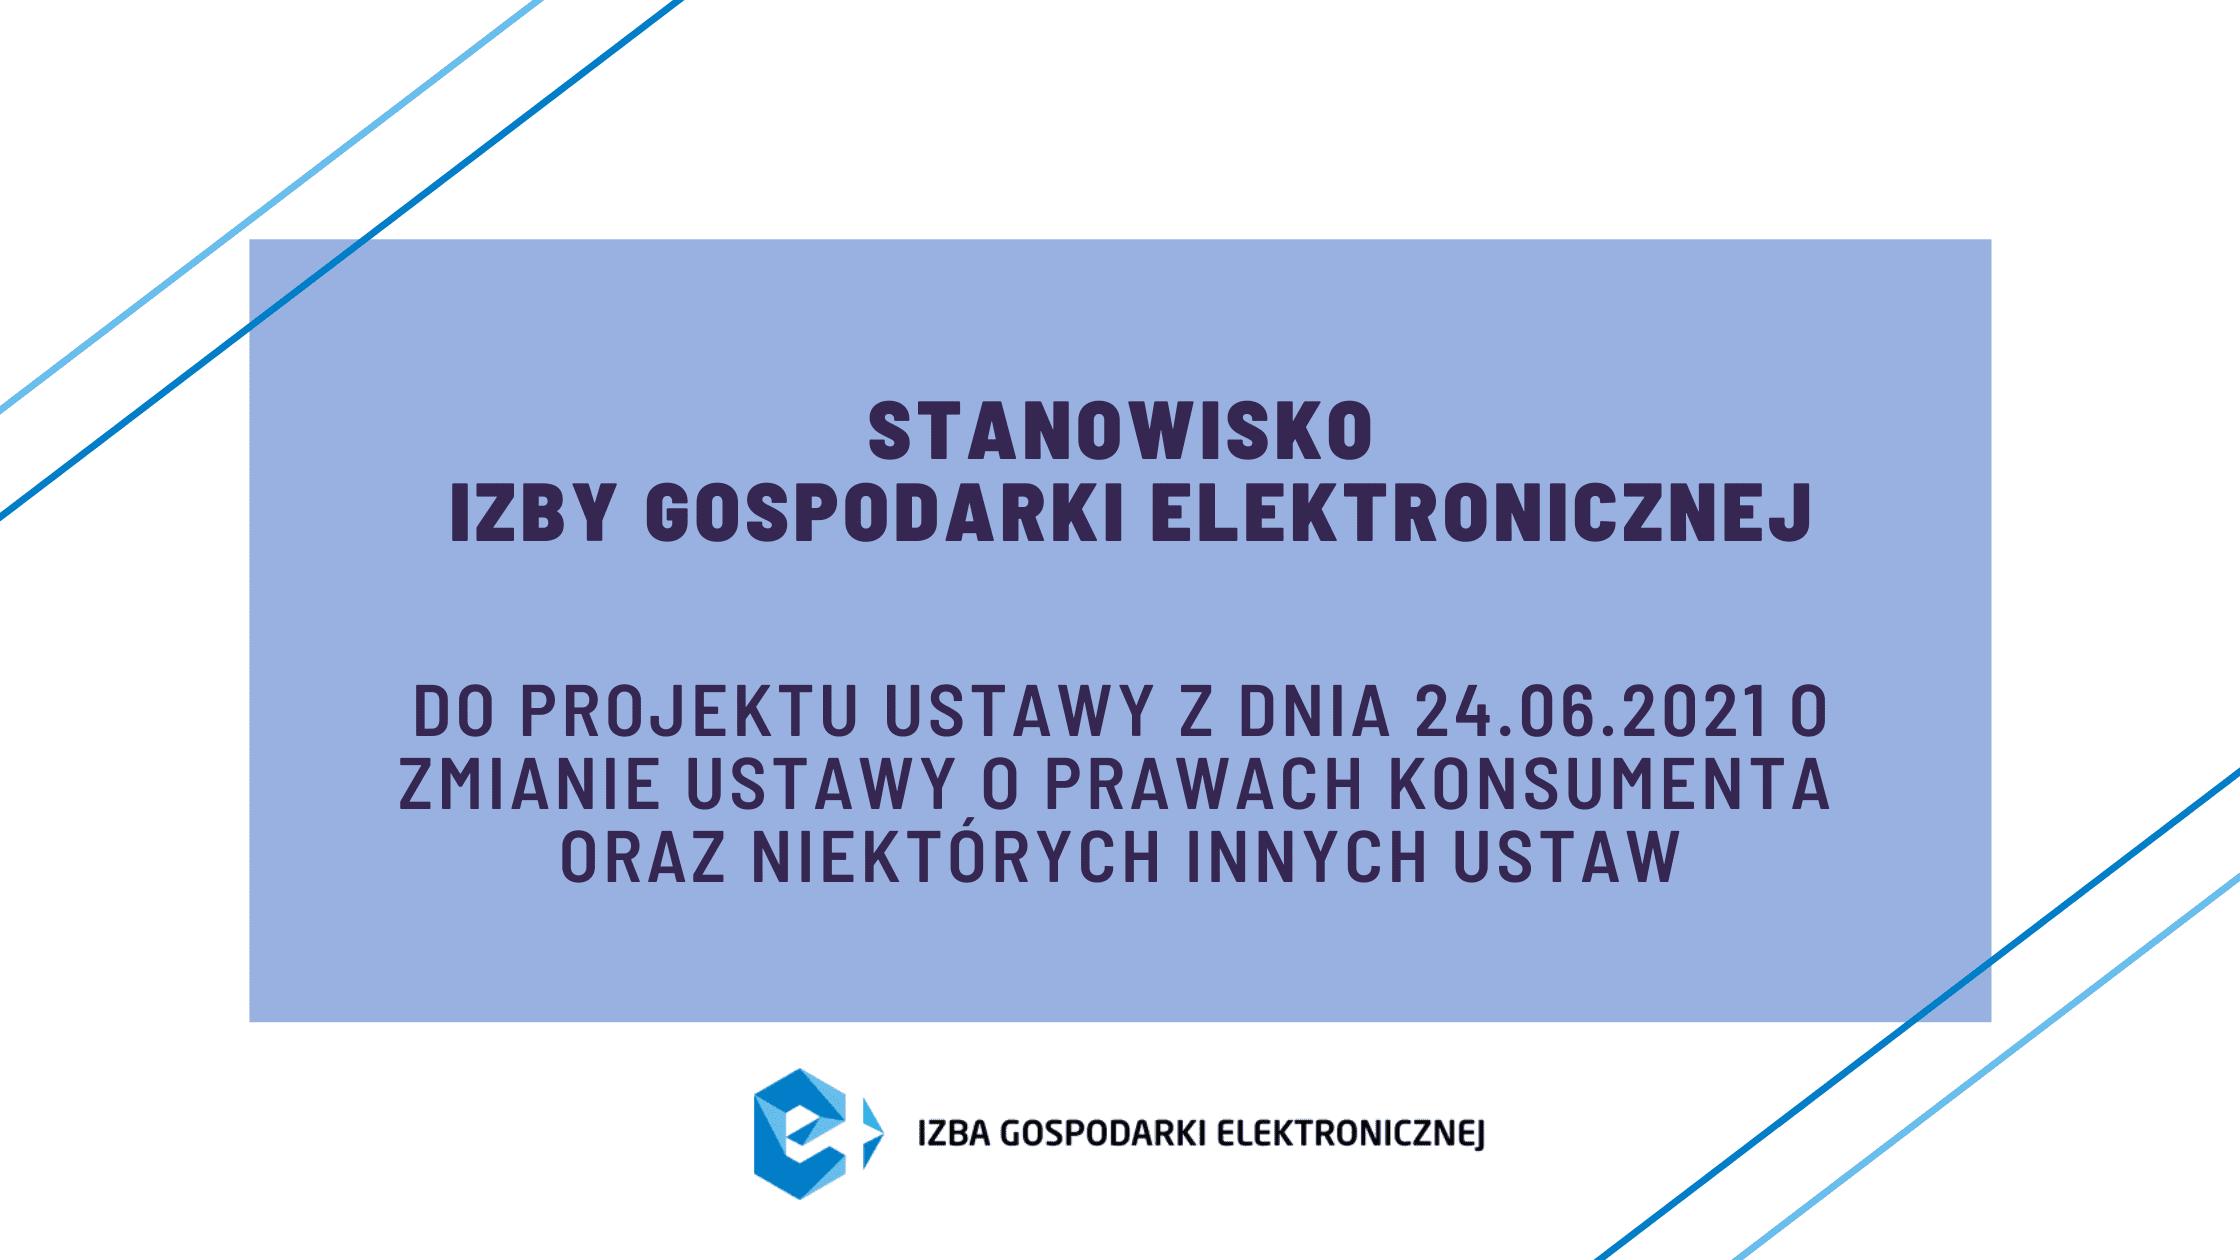 Stanowisko Izby Gospodarki Elektronicznej do projektu ustawy z dnia 24.06.2021 o zmianie ustawy o prawach konsumenta oraz niektórych innych ustaw